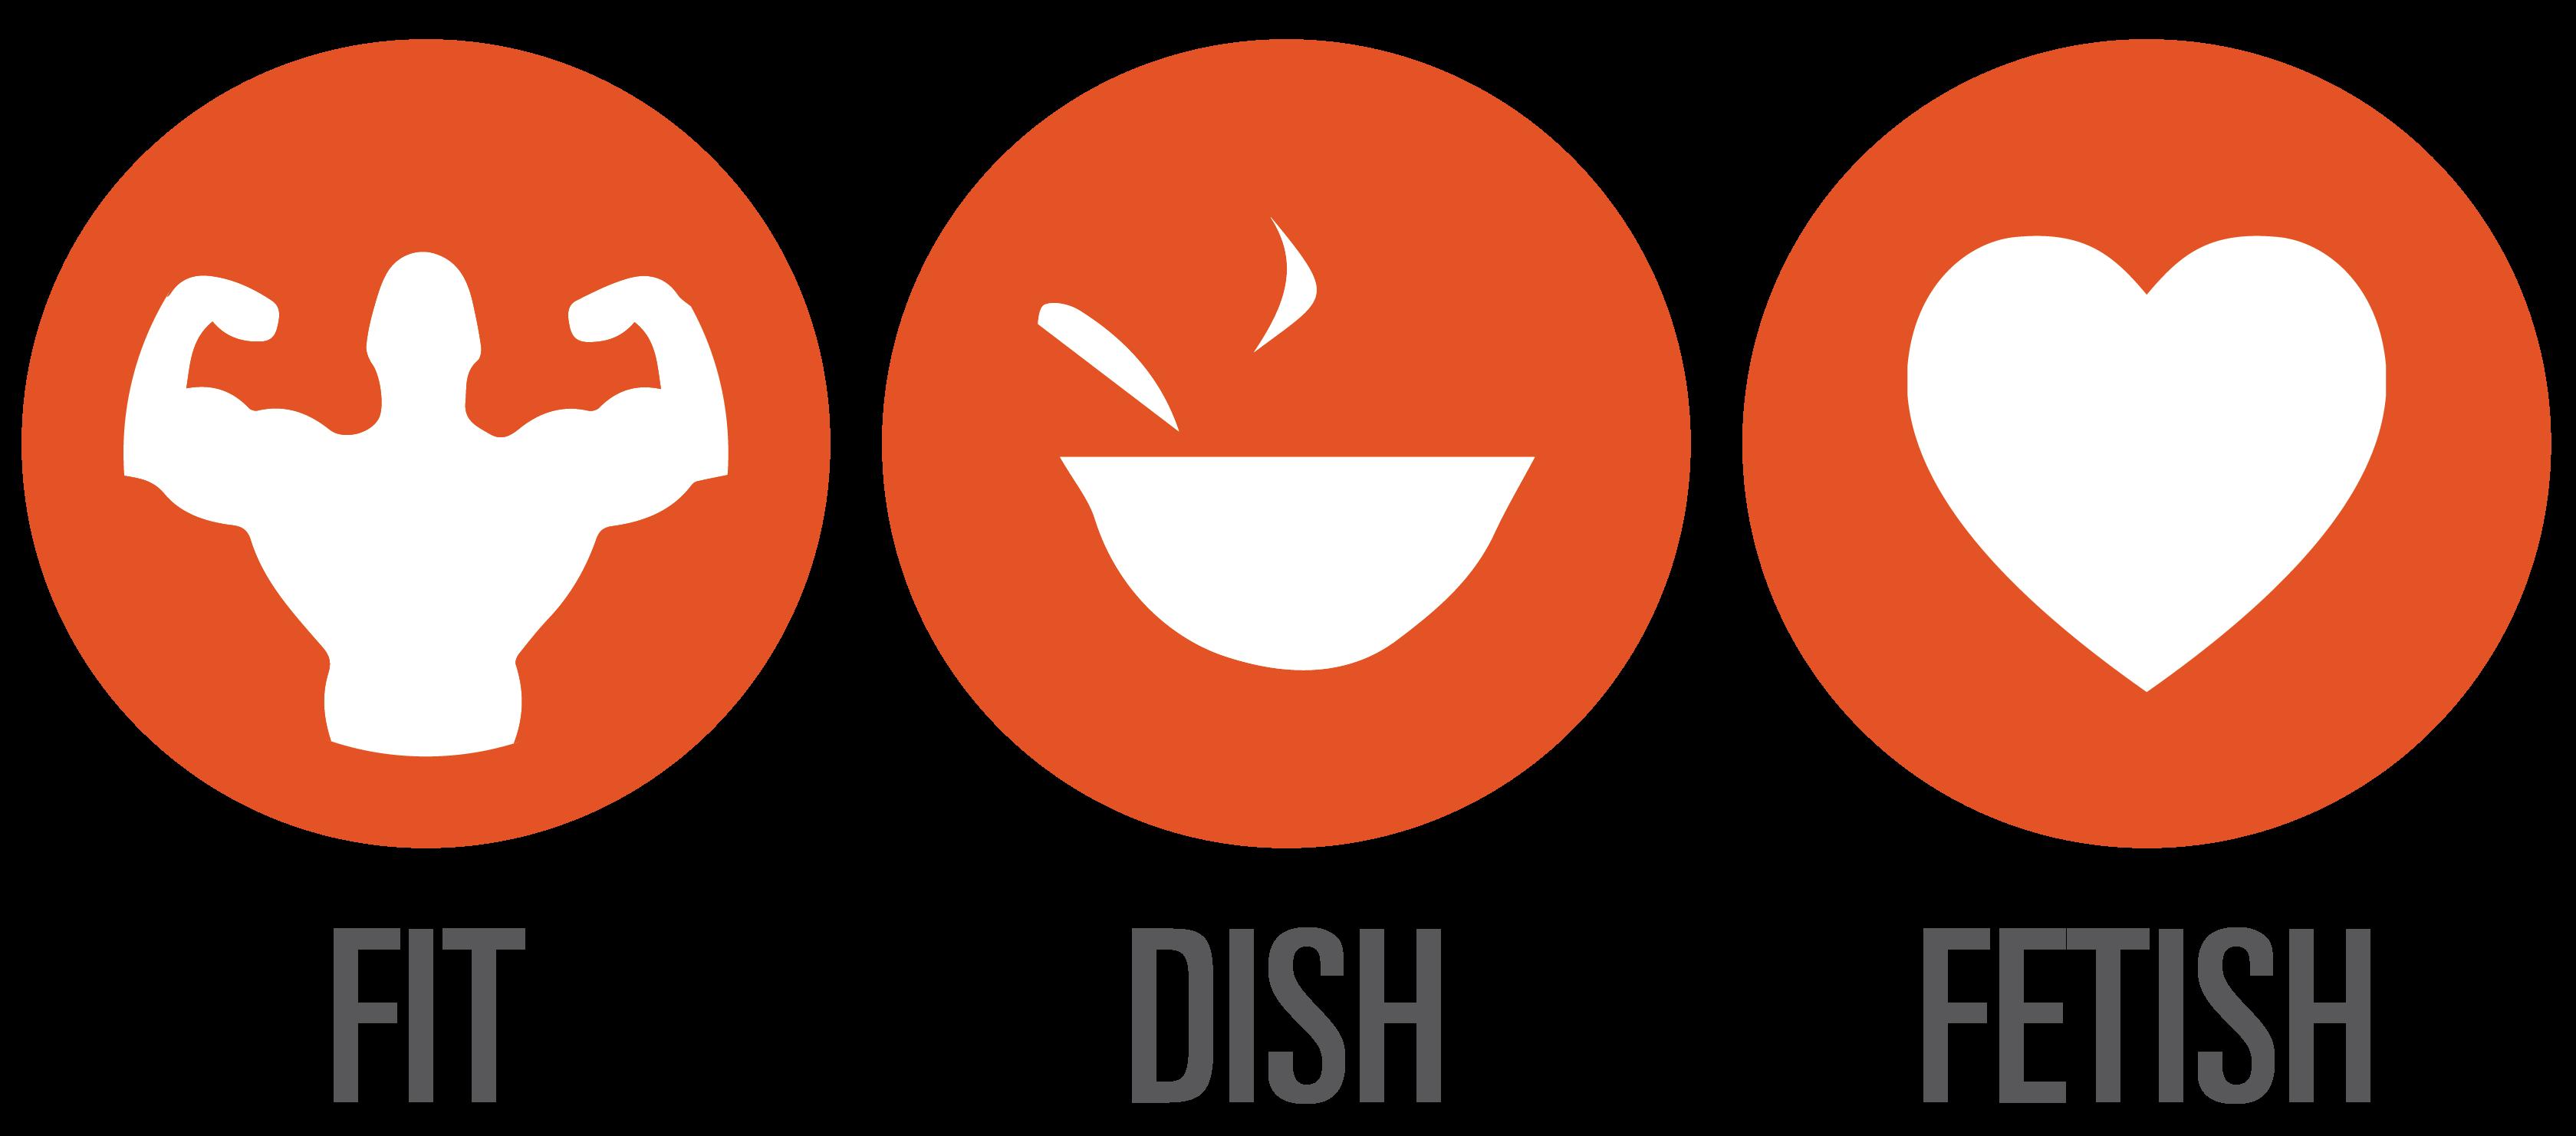 fit dish fetish sadashiv nagar bengaluru online